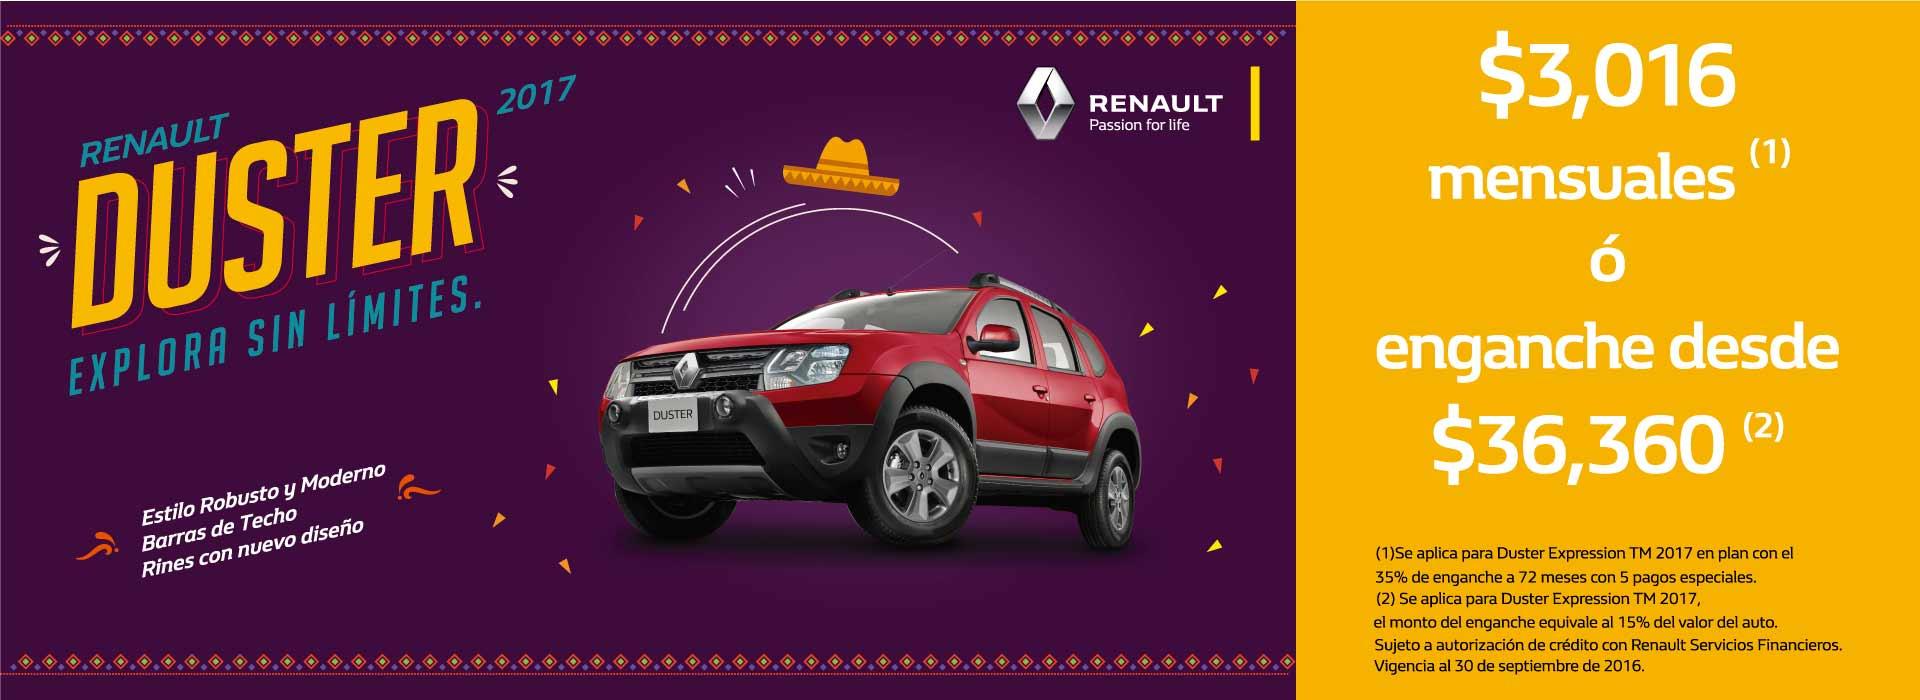 Renault Villahermosa  Distribuidor Autorizado De Autos Nuevos Y Servicio De Mantenimiento En